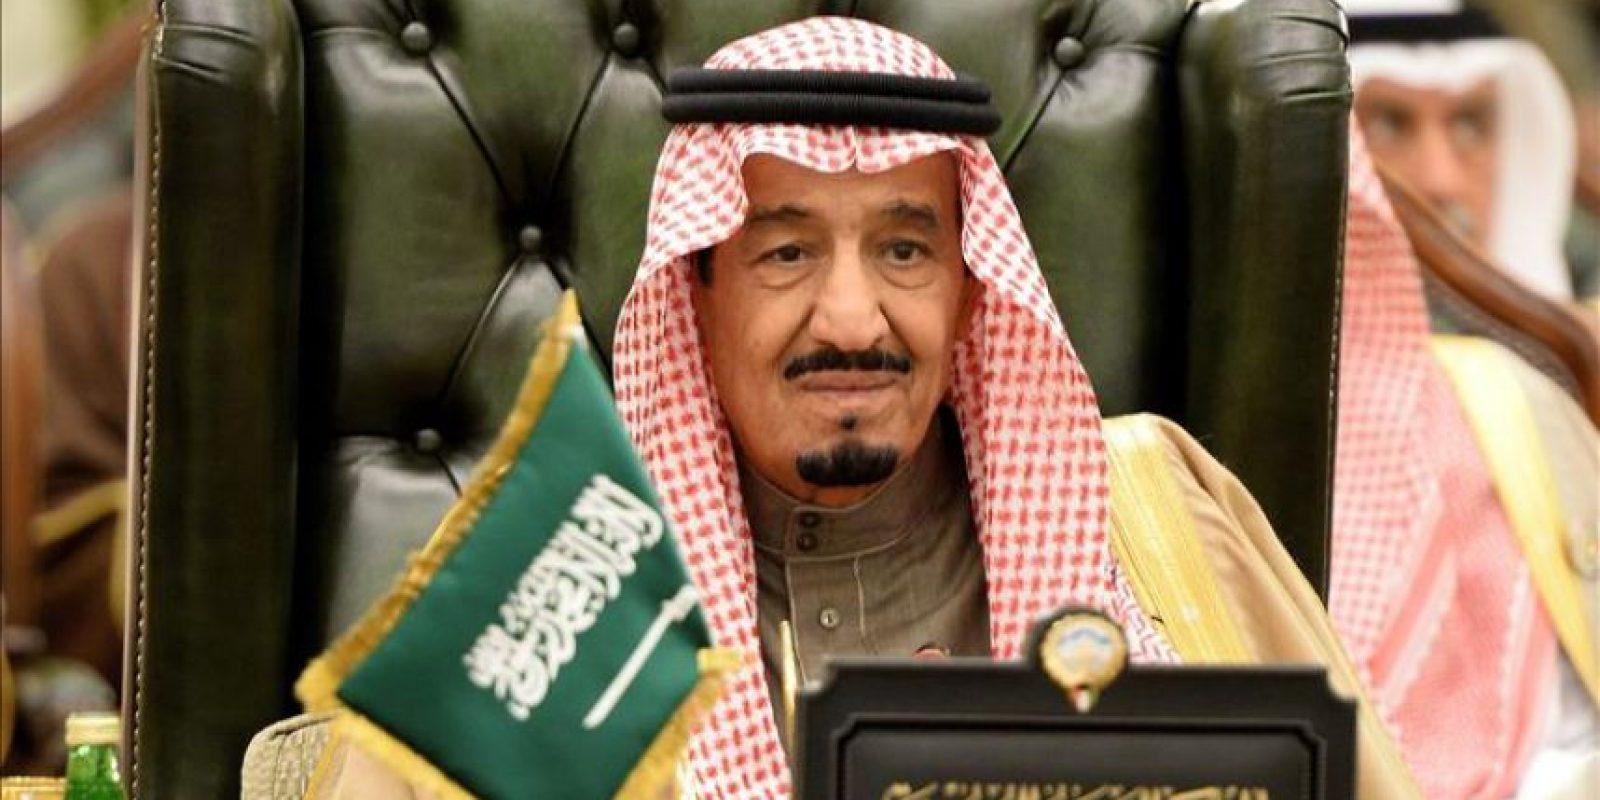 Fotografía de archivo del 11 de diciembre de 2013 que muestra al entonces príncipe heredero, Salman bin Abdelaziz al Saud, durante la cumbre del Consejo de Cooperación en Kuwait. EFE/Archivo